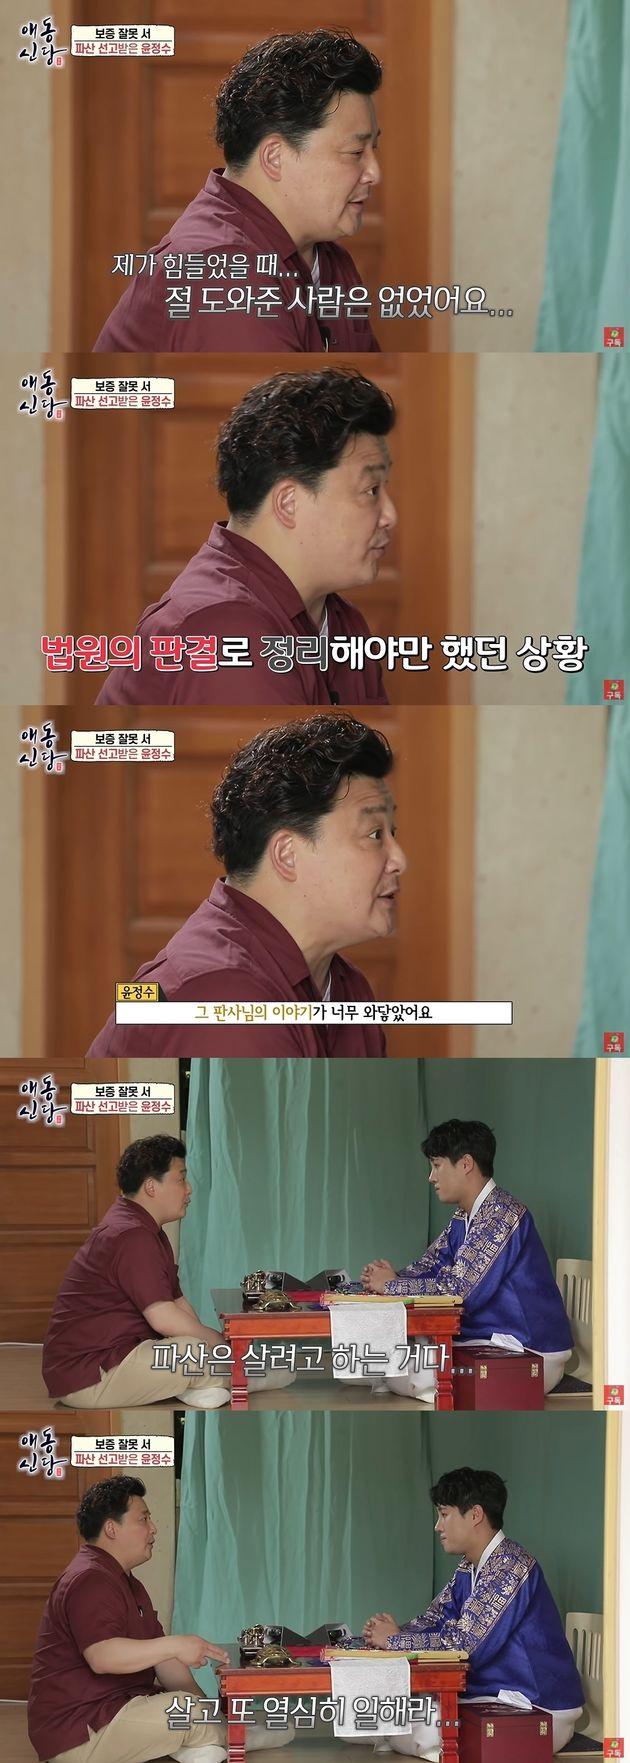 '애동신당' 영상